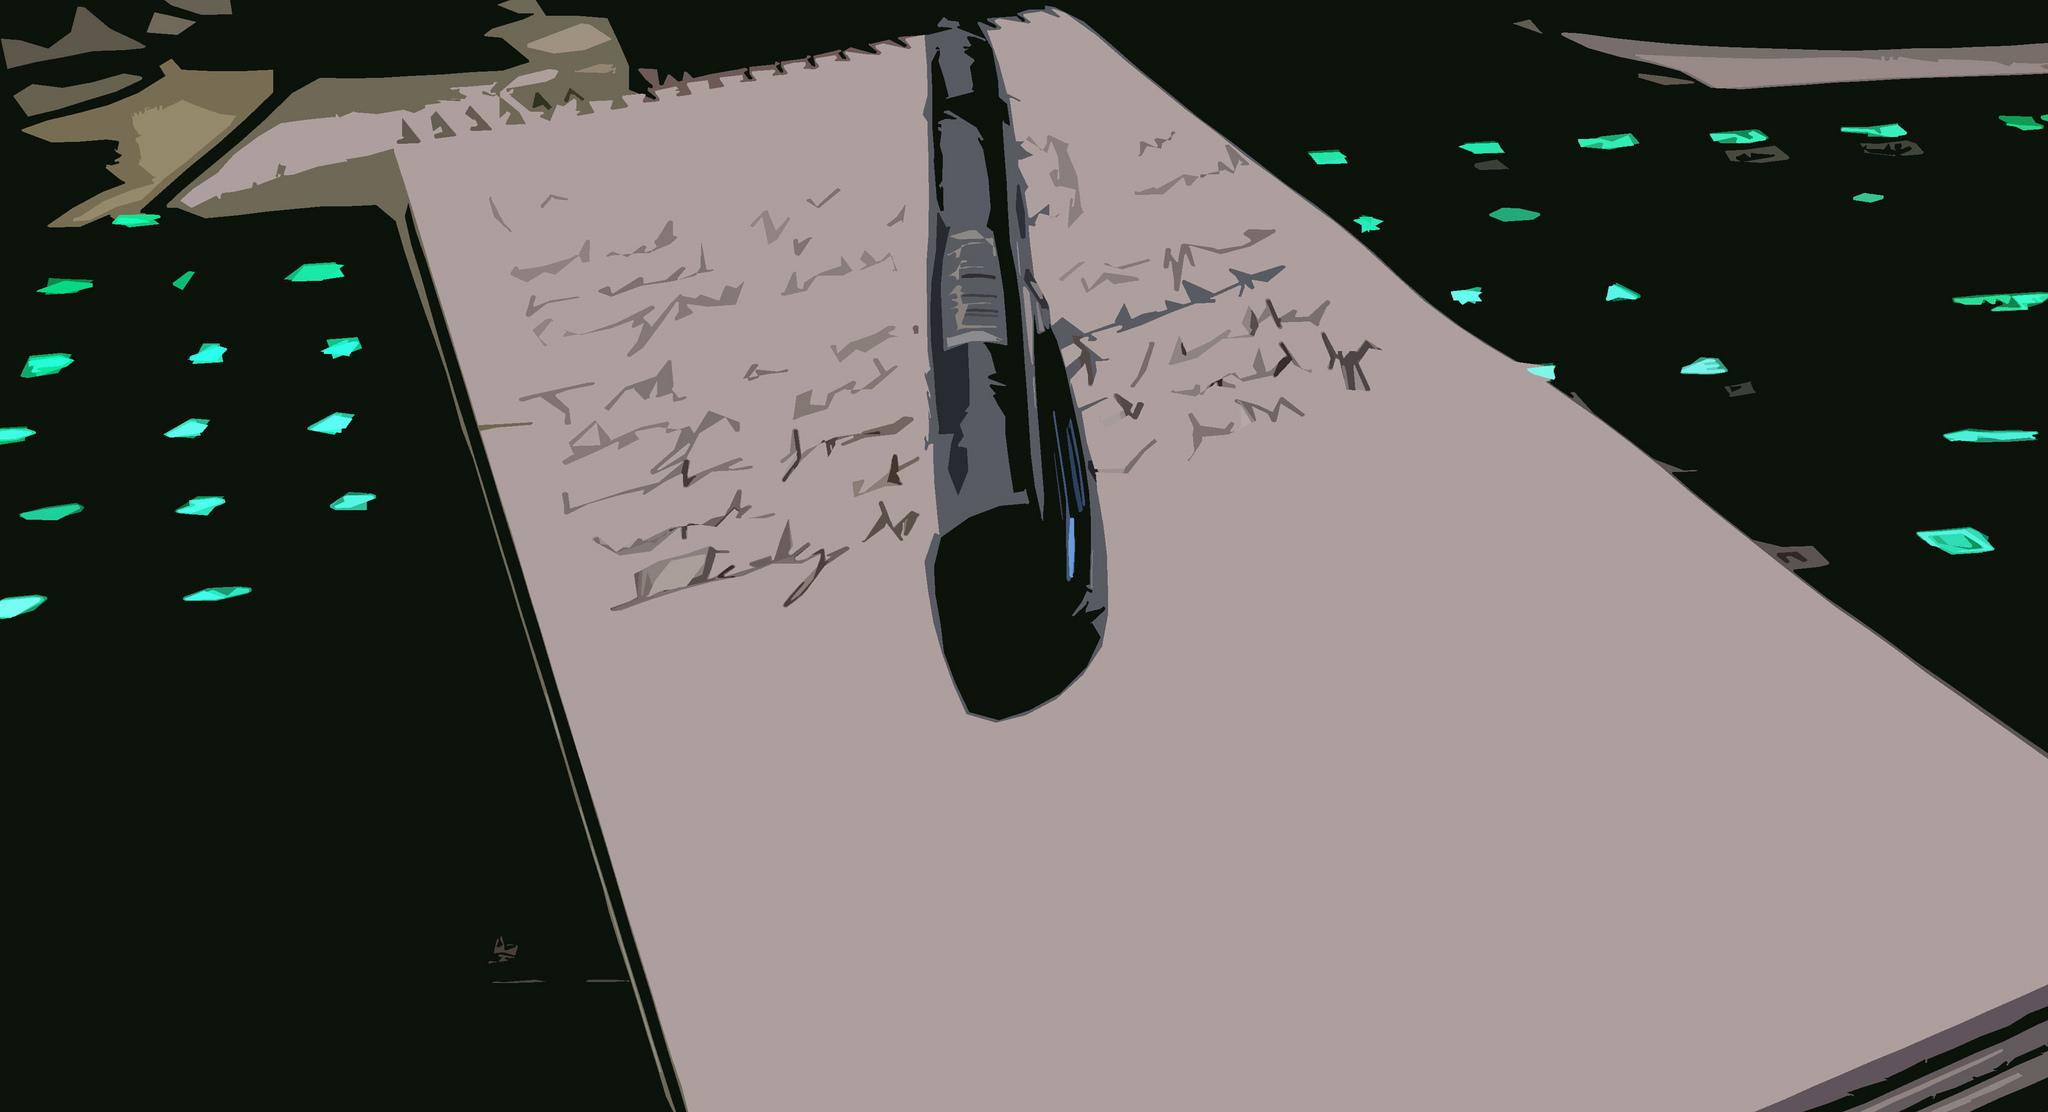 Periodismo - Un bloc con un bolígrafo encima